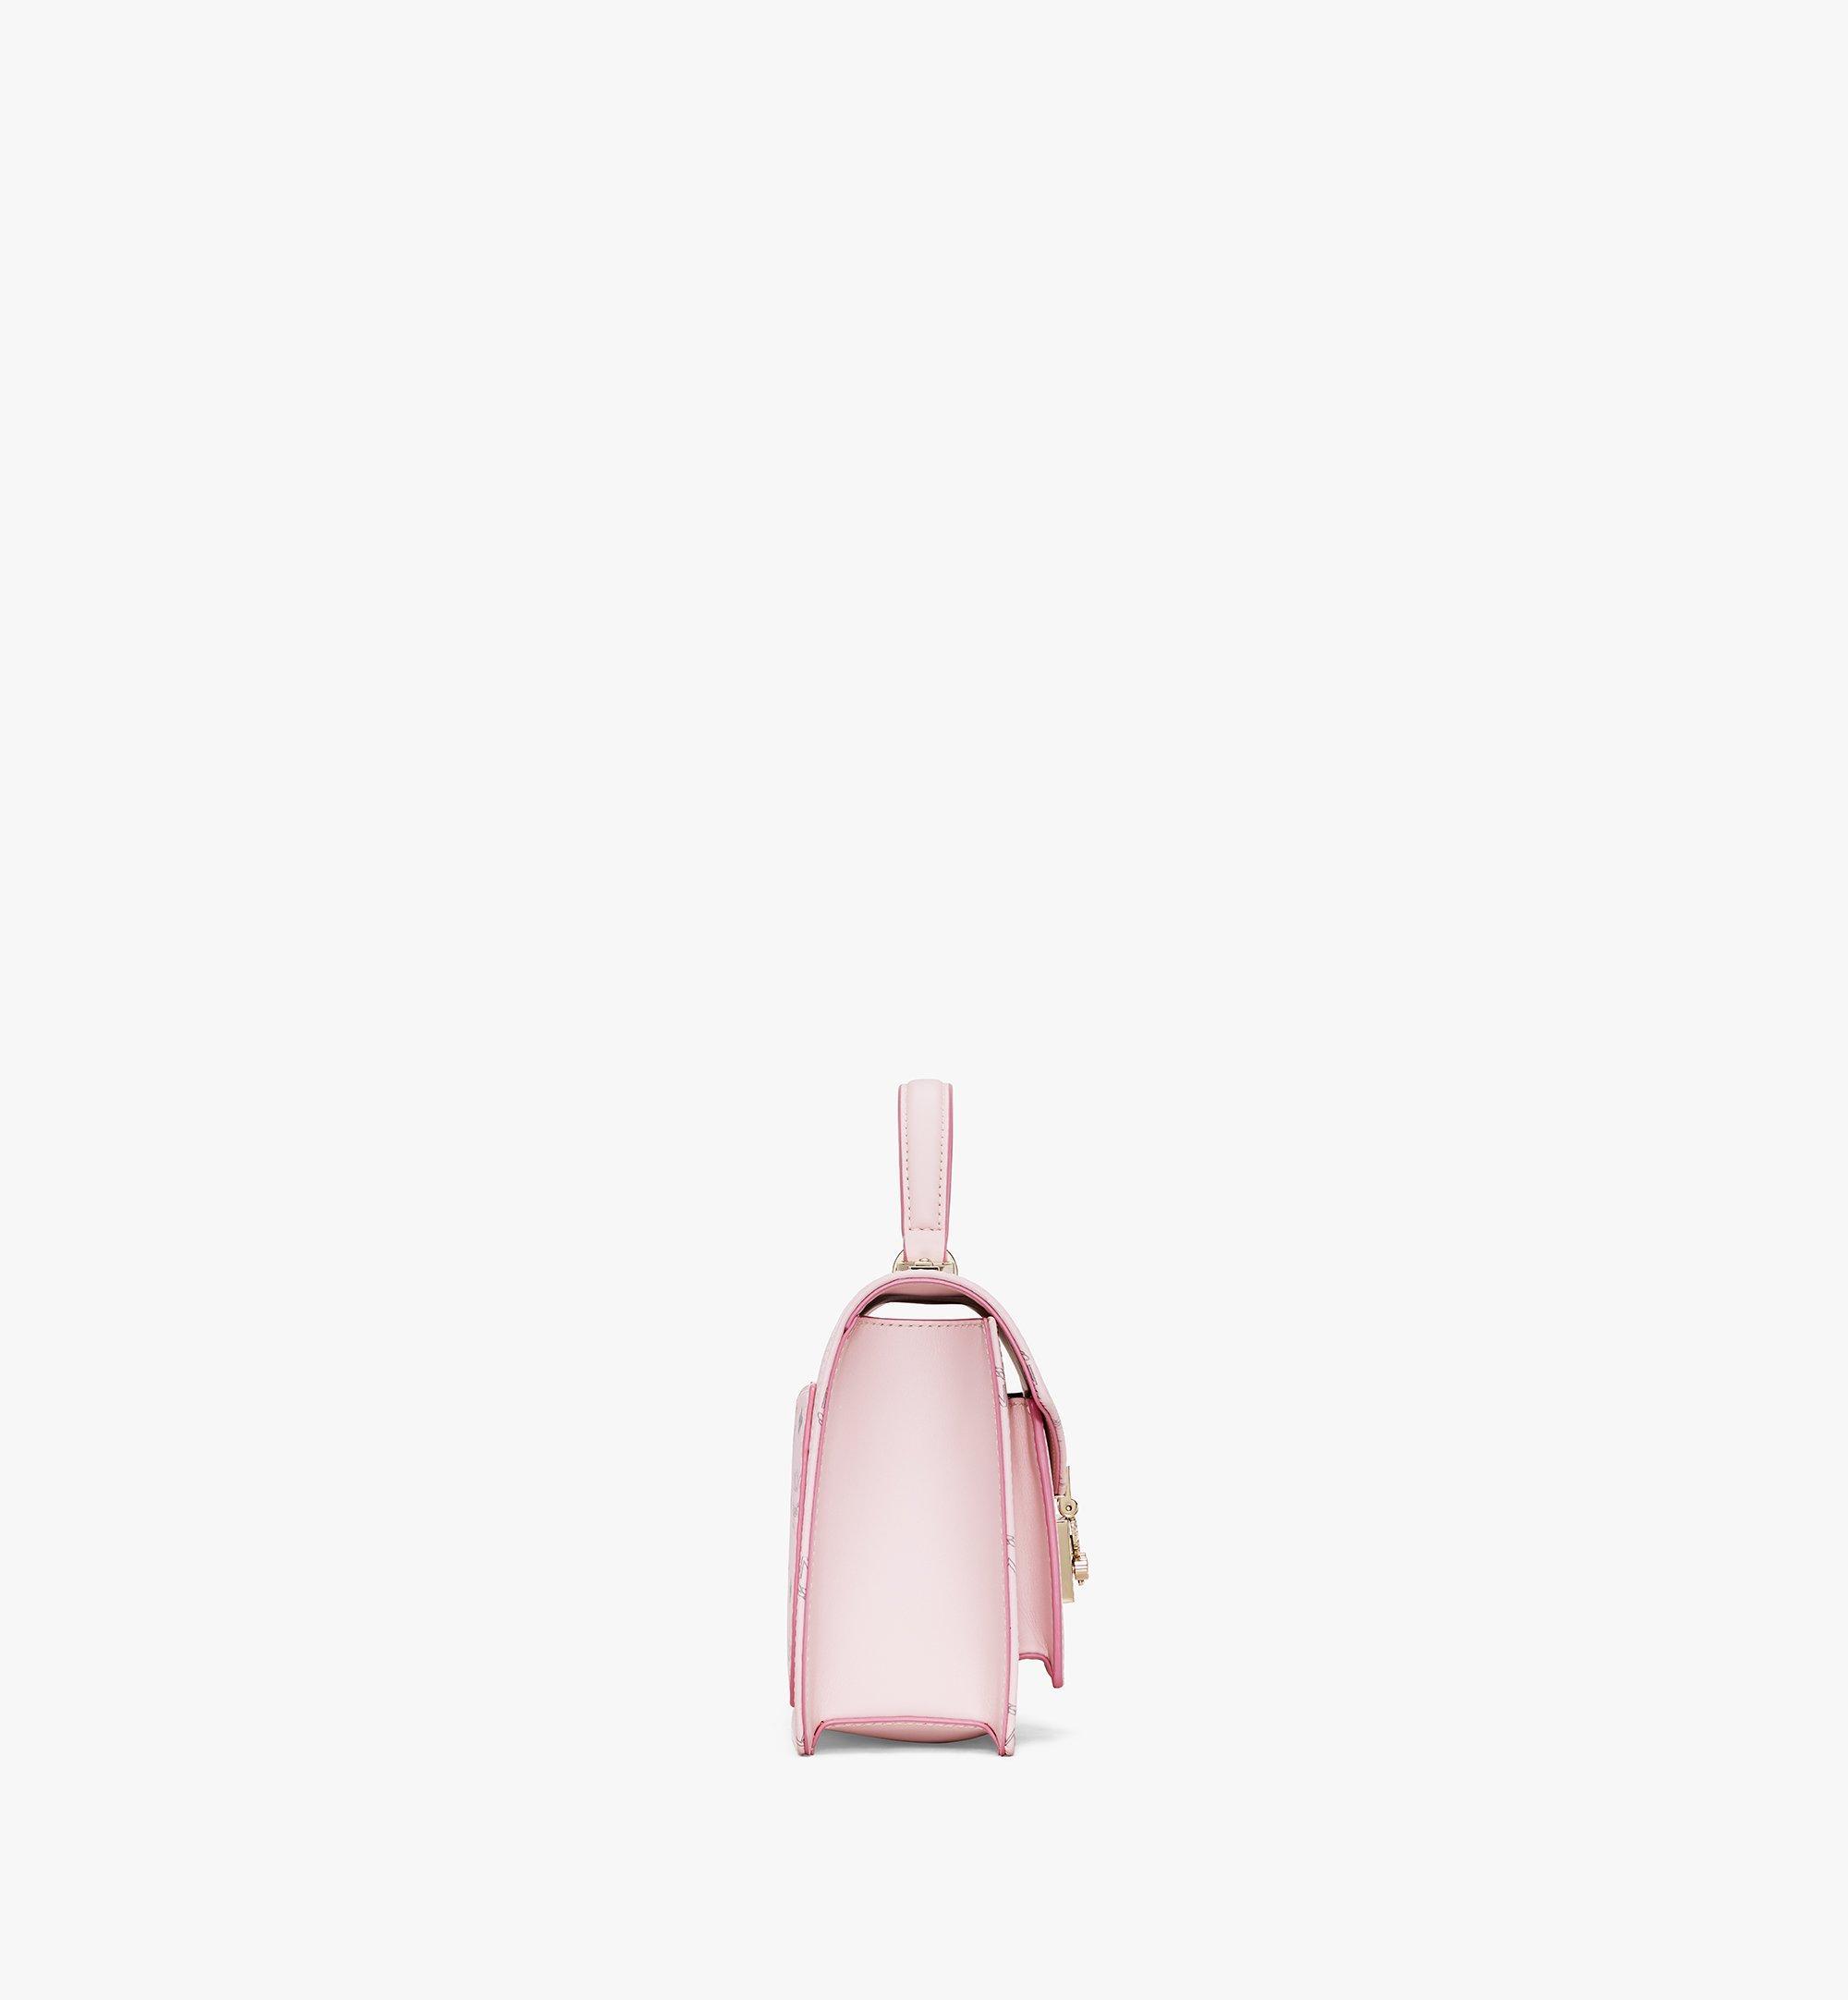 MCM Patricia Satchel-Tasche in Visetos Pink MWEAAPA02QH001 Noch mehr sehen 1